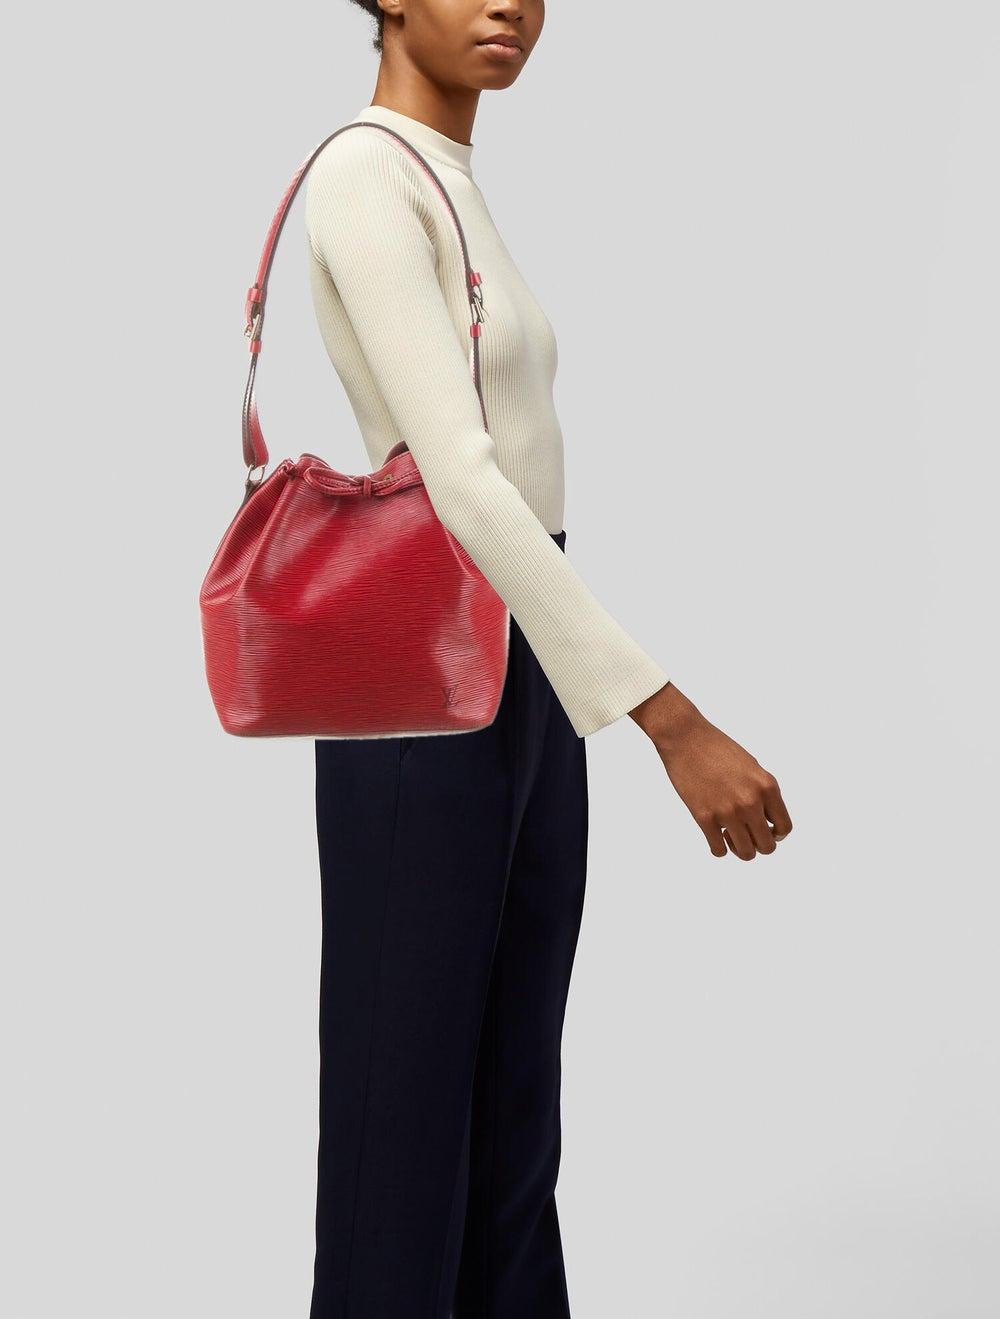 Louis Vuitton Epi Petit Noe Red - image 2